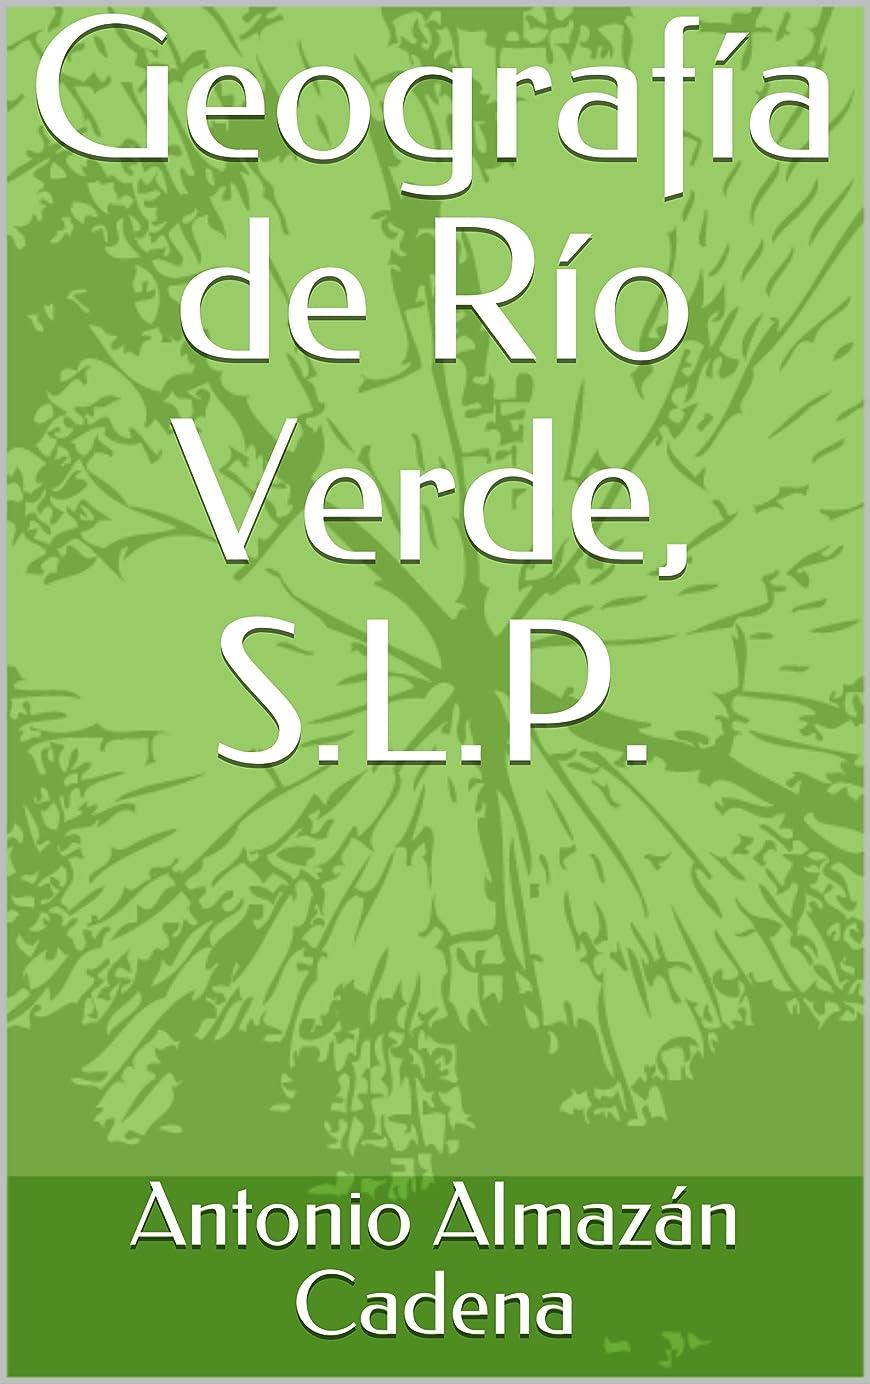 買収カウボーイ見物人Geografía de Río Verde, S.L.P. (Rioverde no 4001) (Spanish Edition)